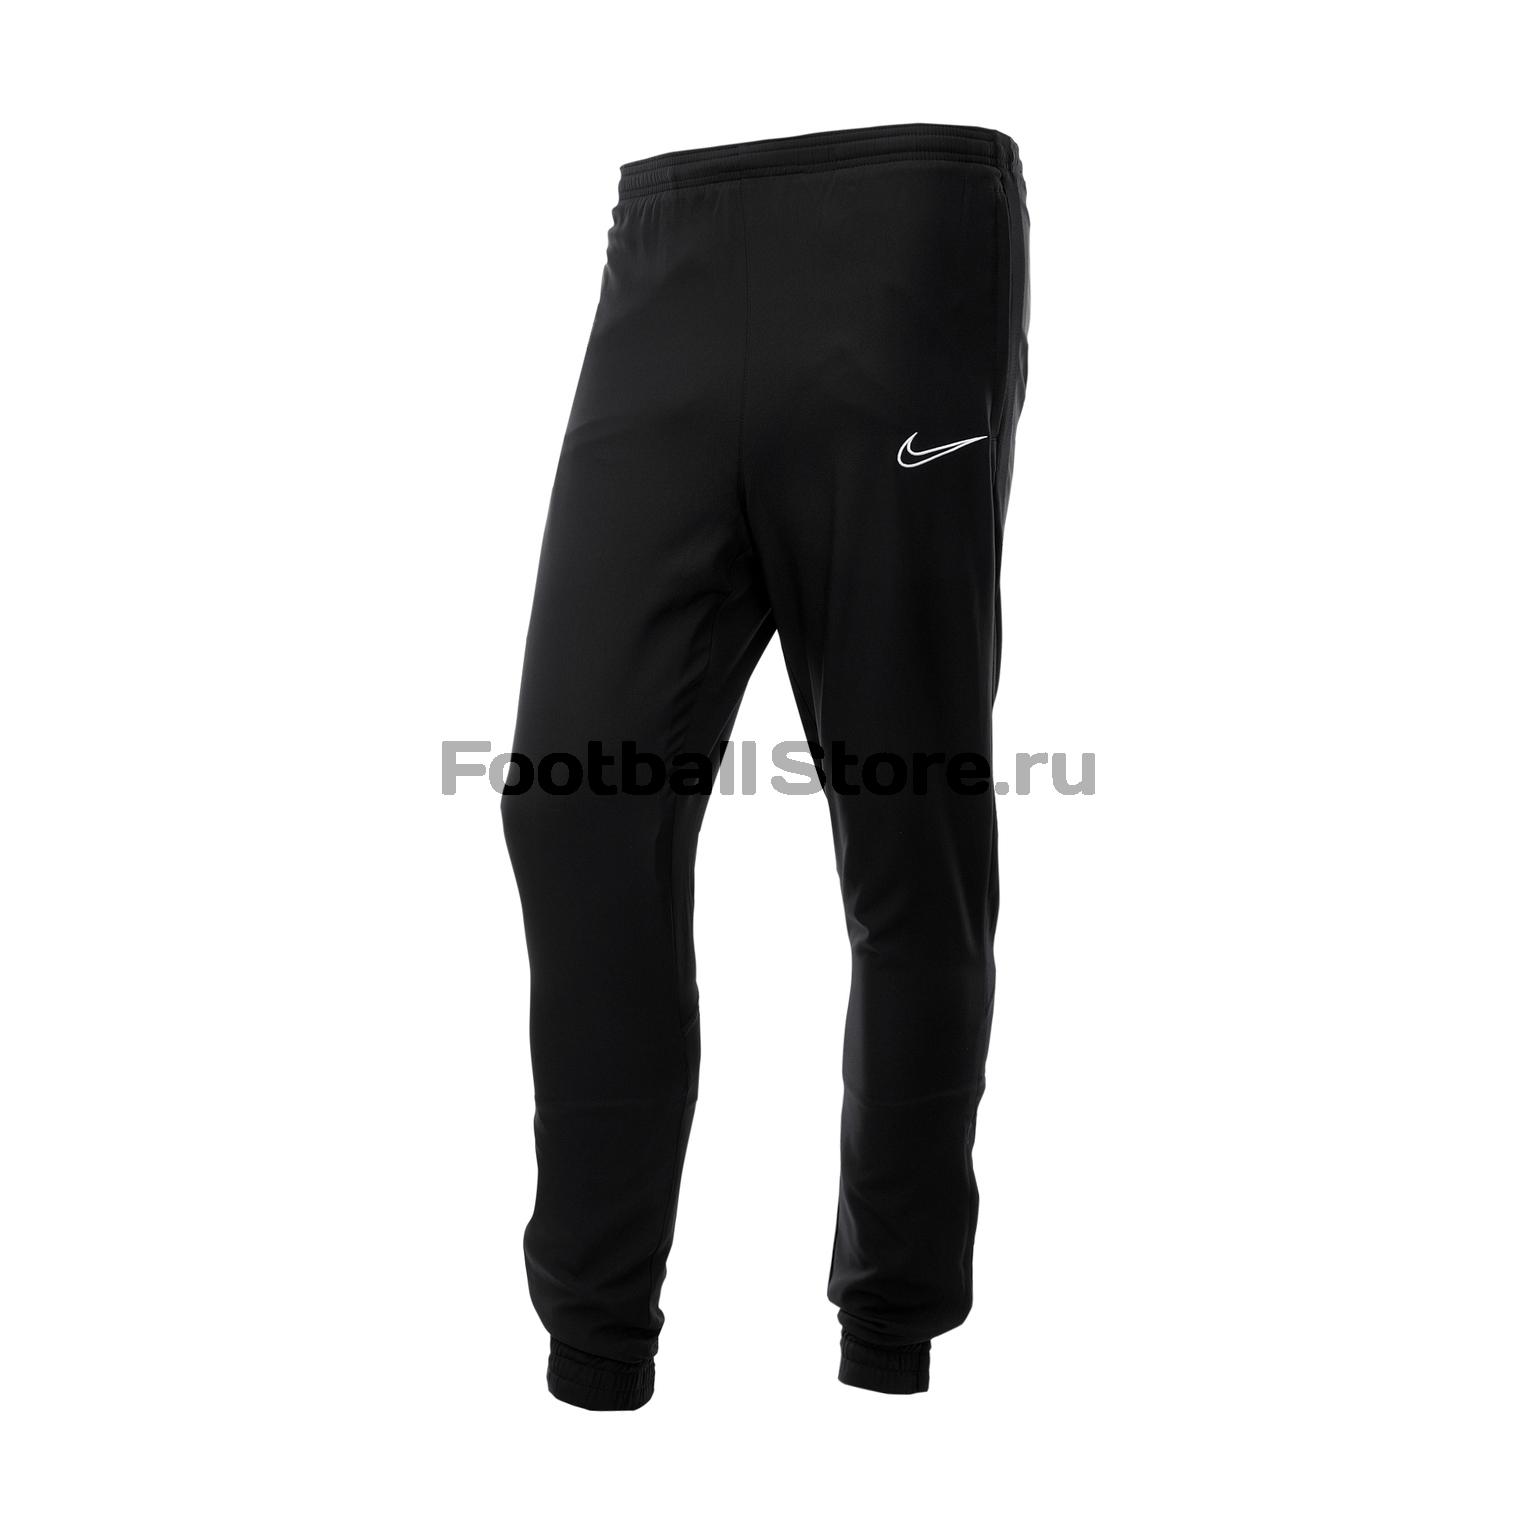 все цены на Брюки тренировочные Nike Dry Academy Pant AR7654-014